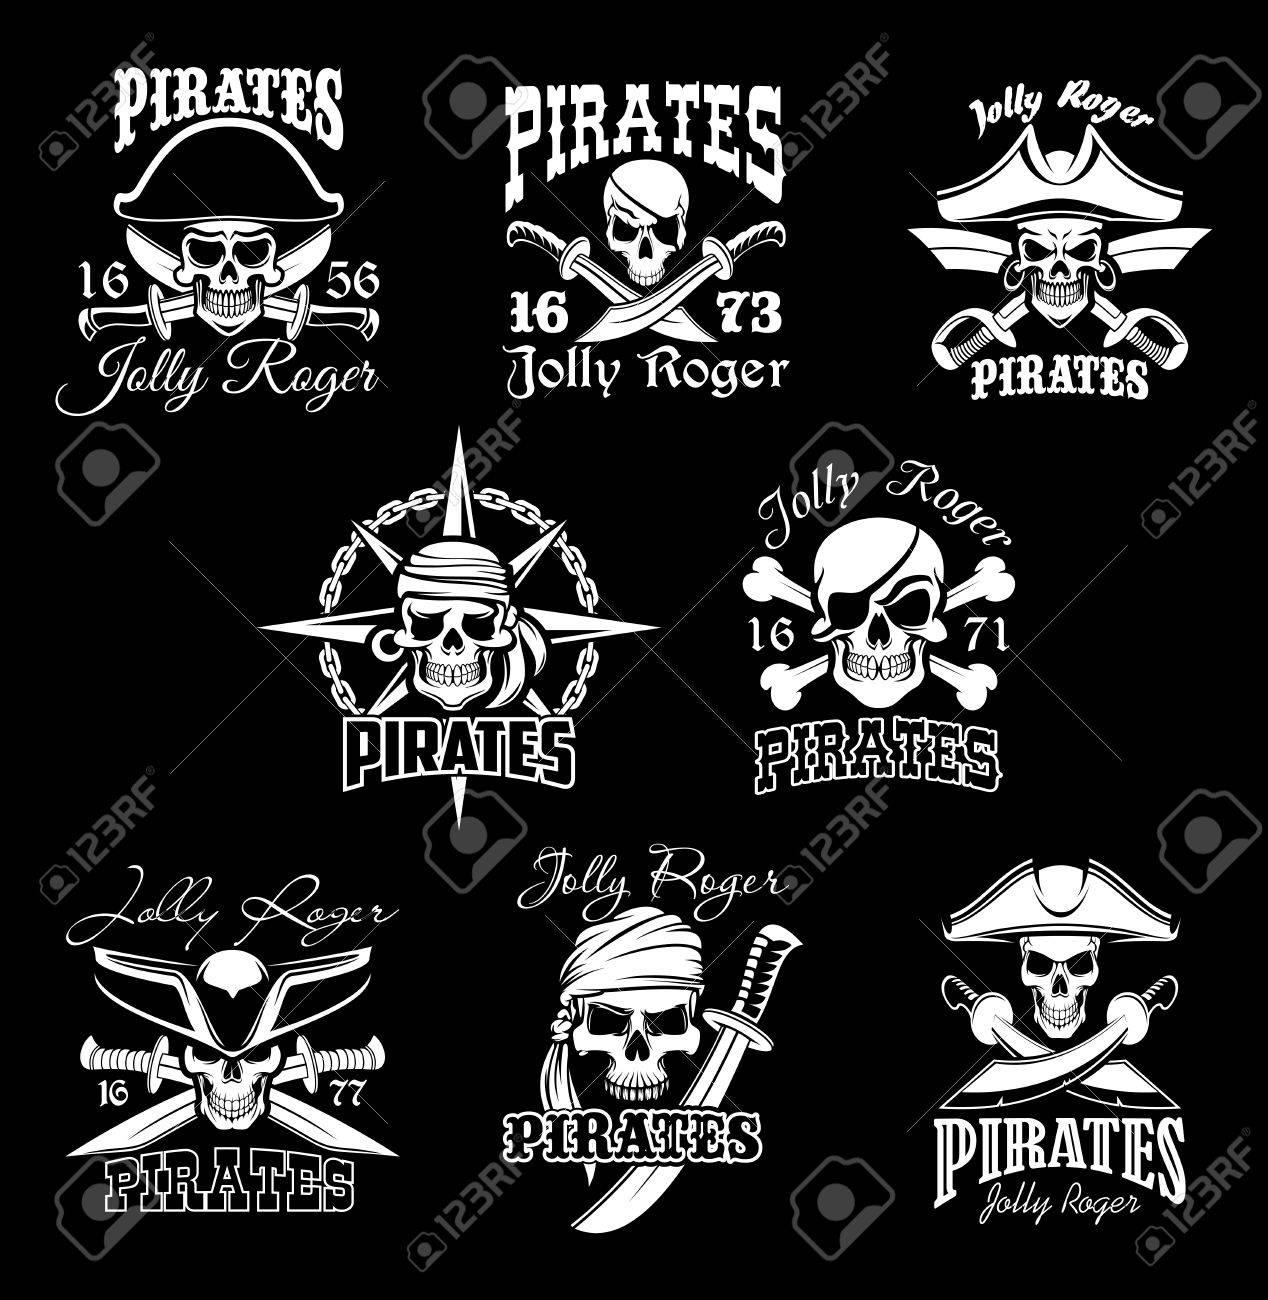 海賊スカル クロスボーンと海賊旗シンボルを設定します。海賊 ...